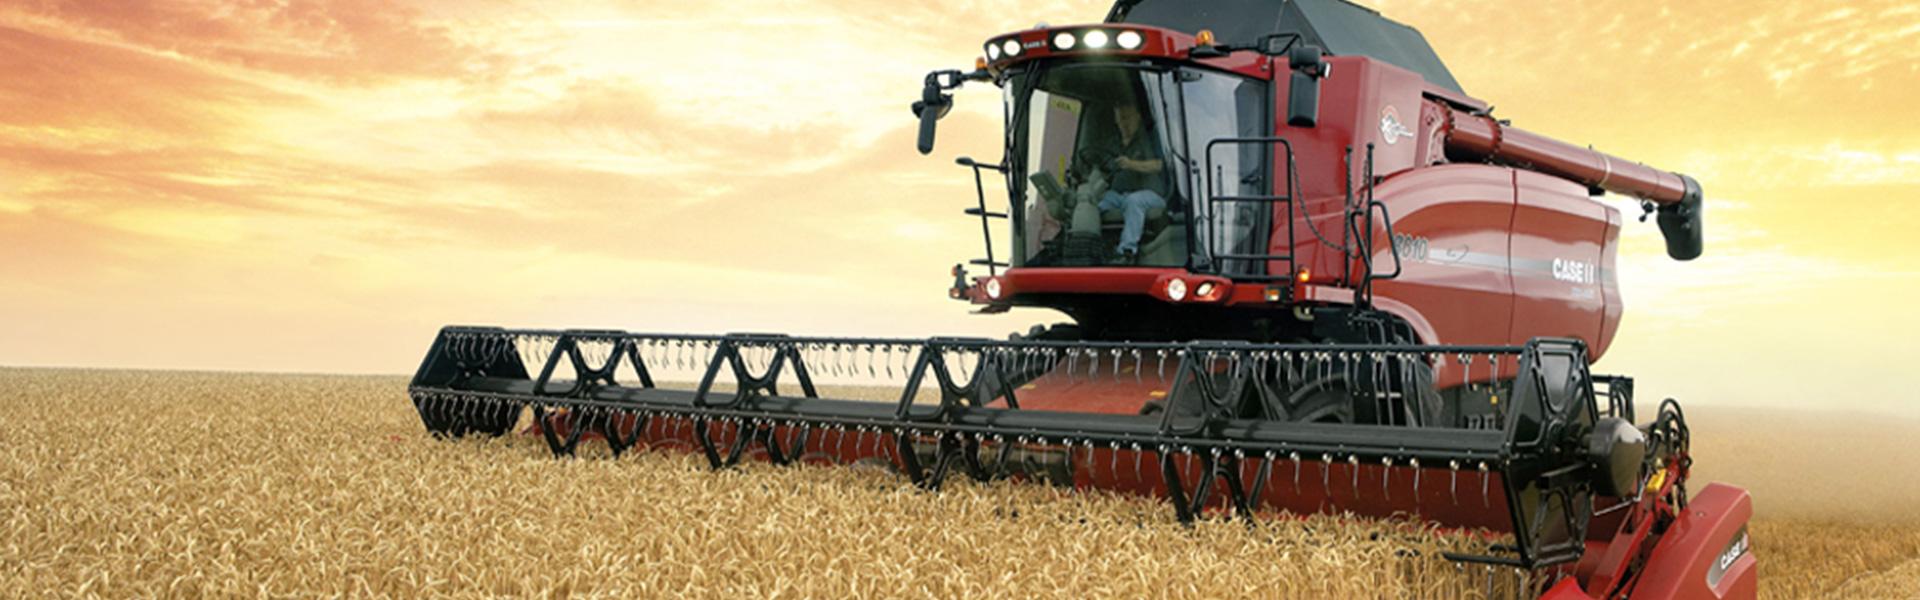 DPF - Regeneracja - Katalizatory - Rolnicze